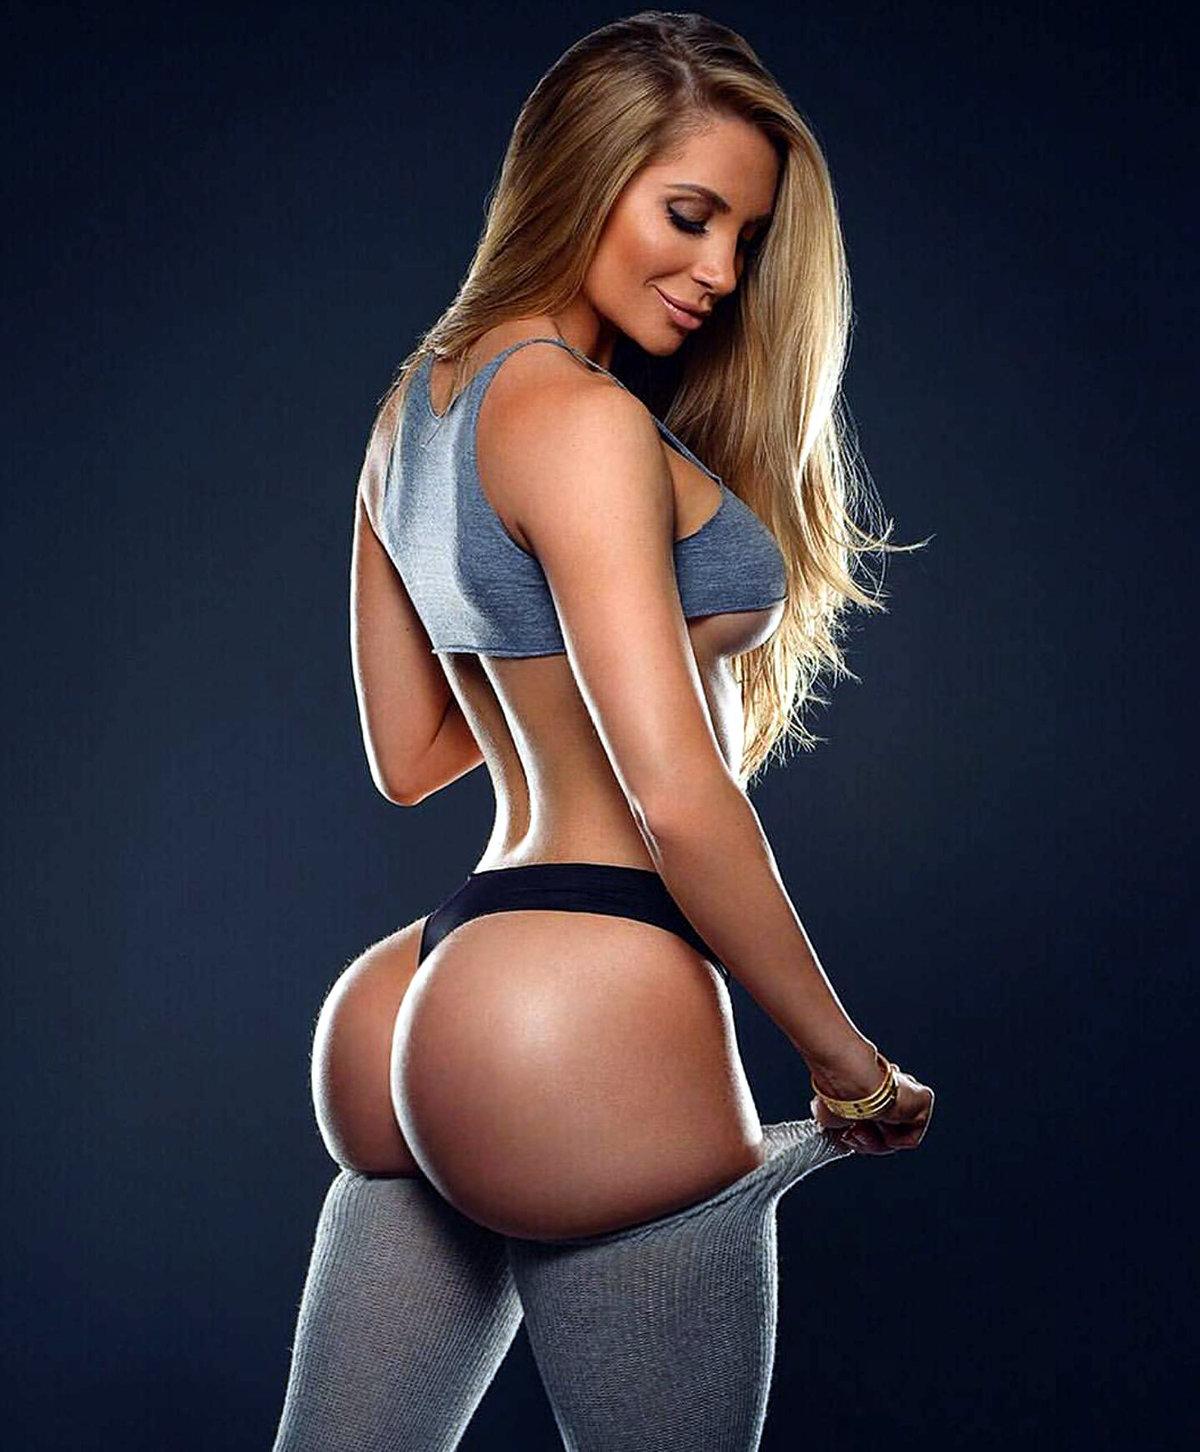 девушки фото красивых телок с большими попками из-за нетерпимого общества